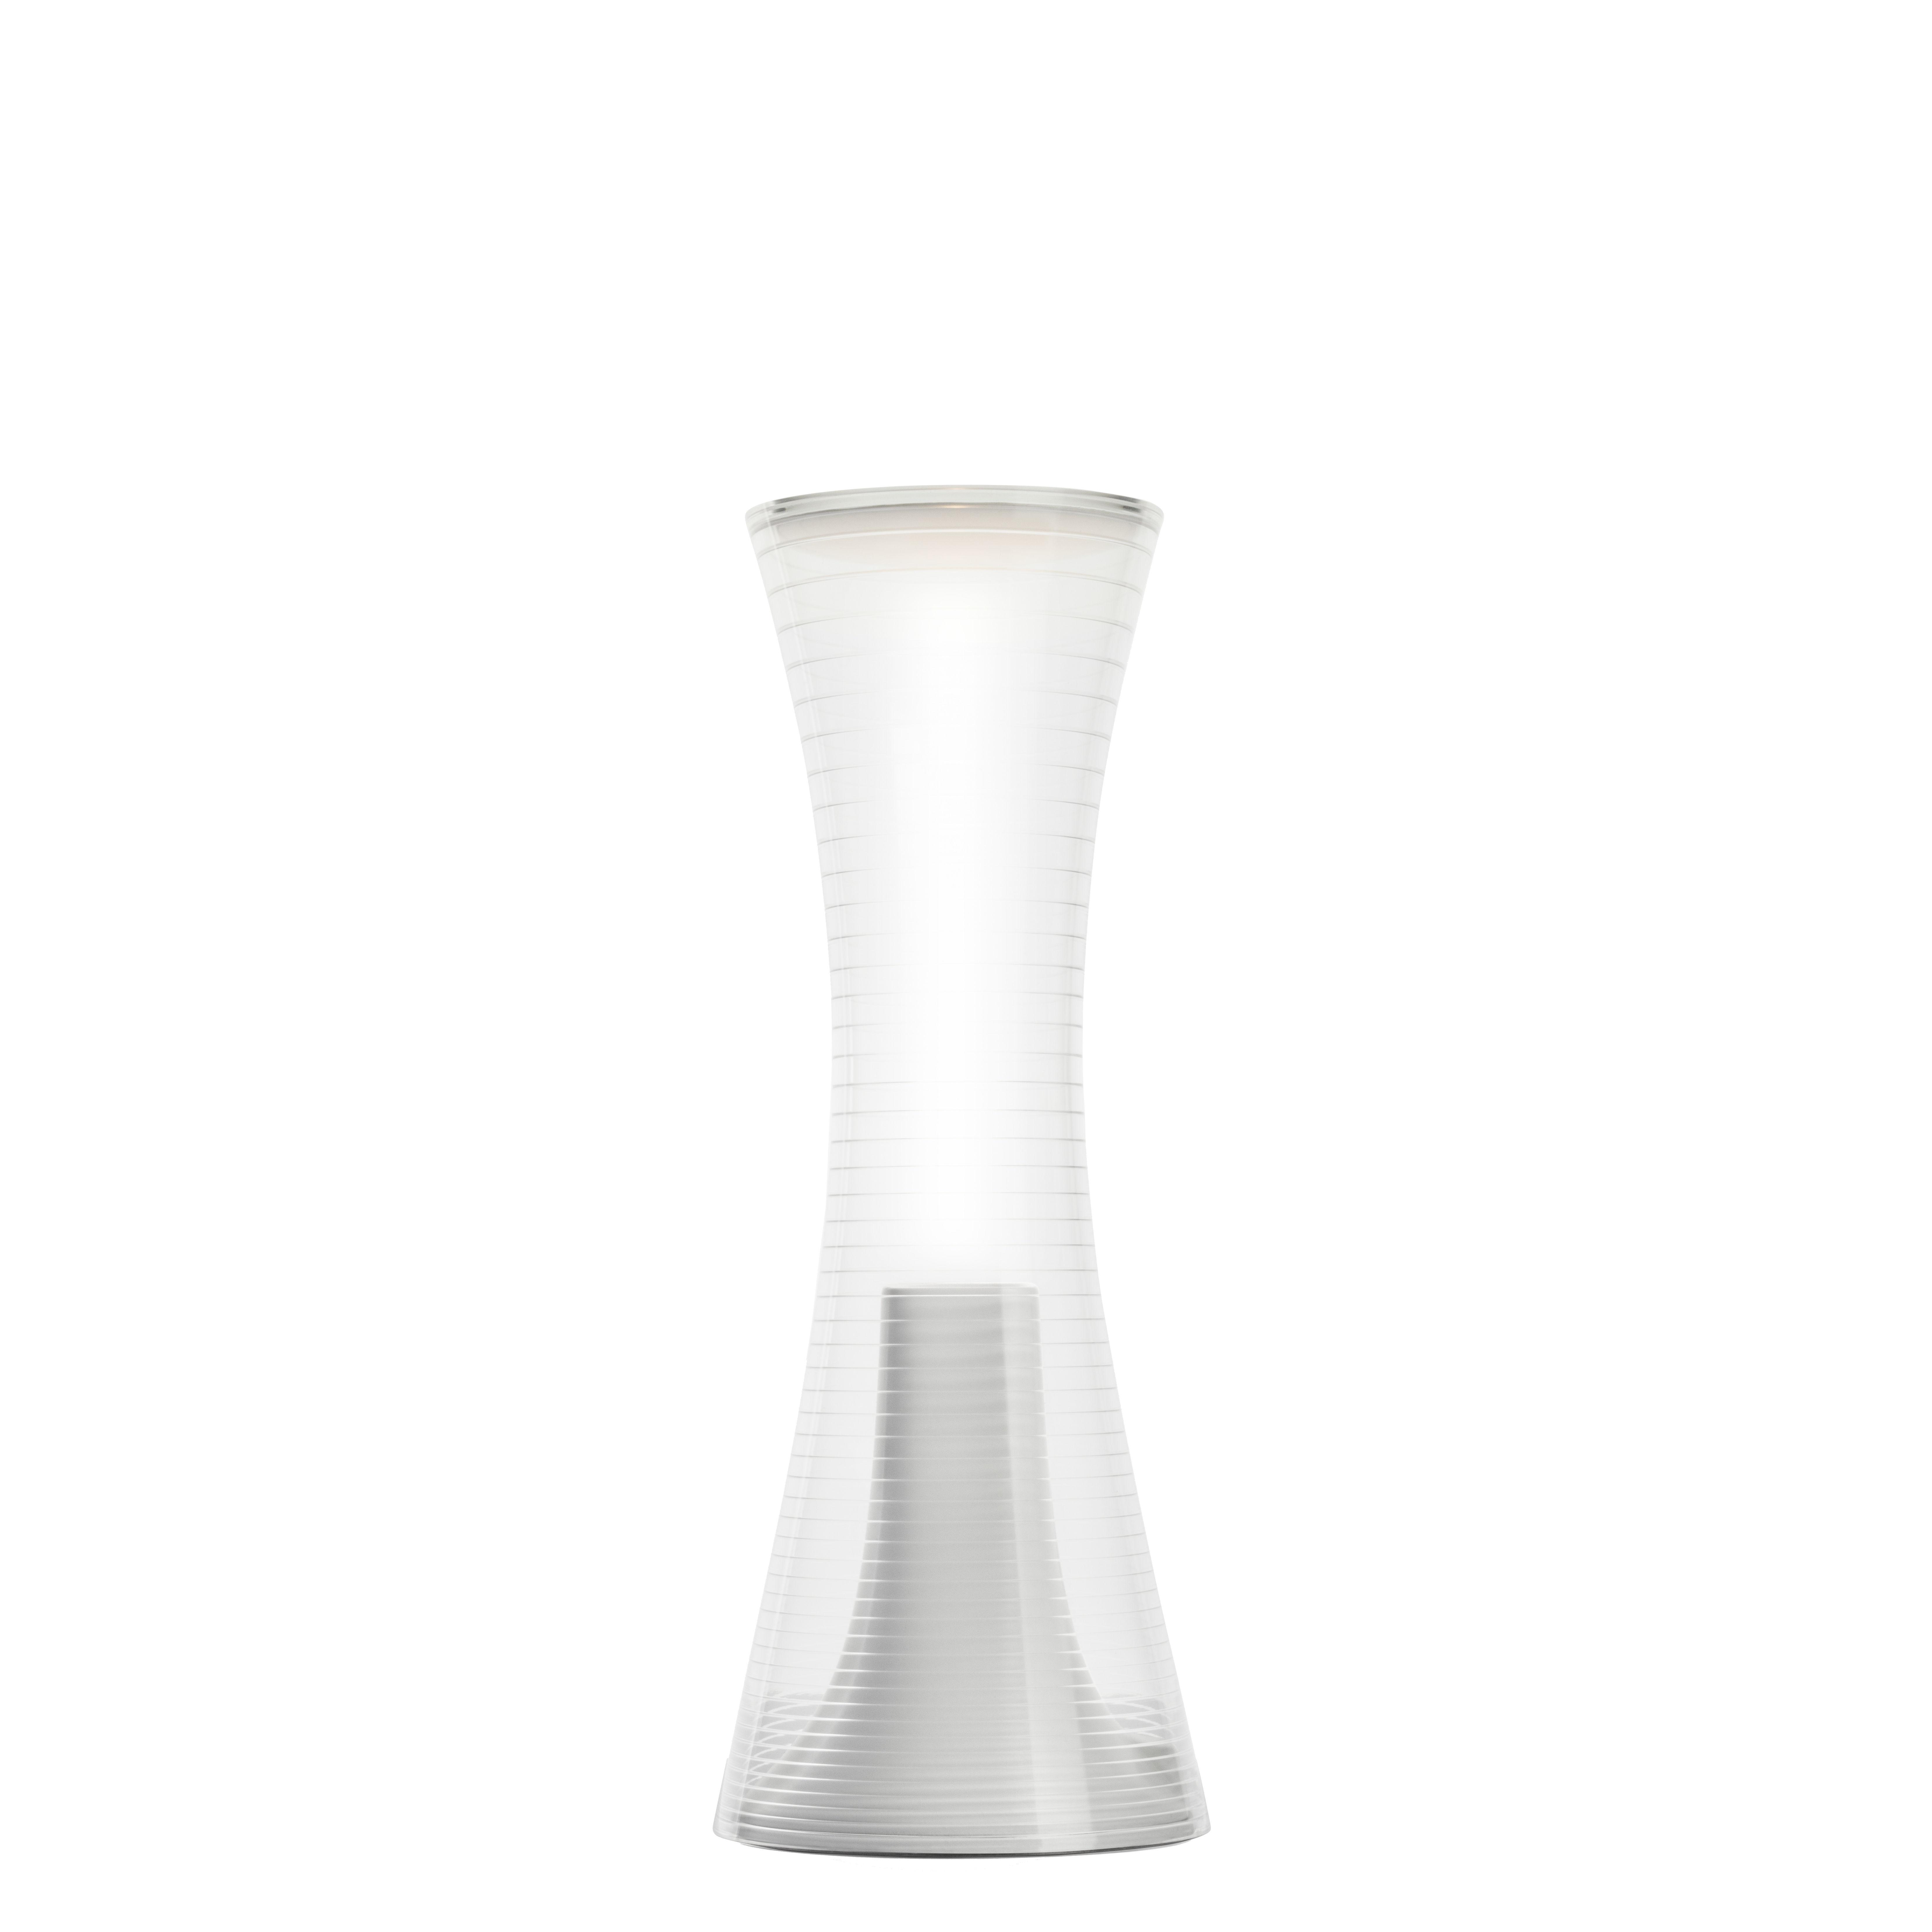 Illuminazione - Lampade da tavolo - Lampada senza fili Come Together - / LED di Artemide - Bianco / Trasparente - PMMA, Tecnopolimero